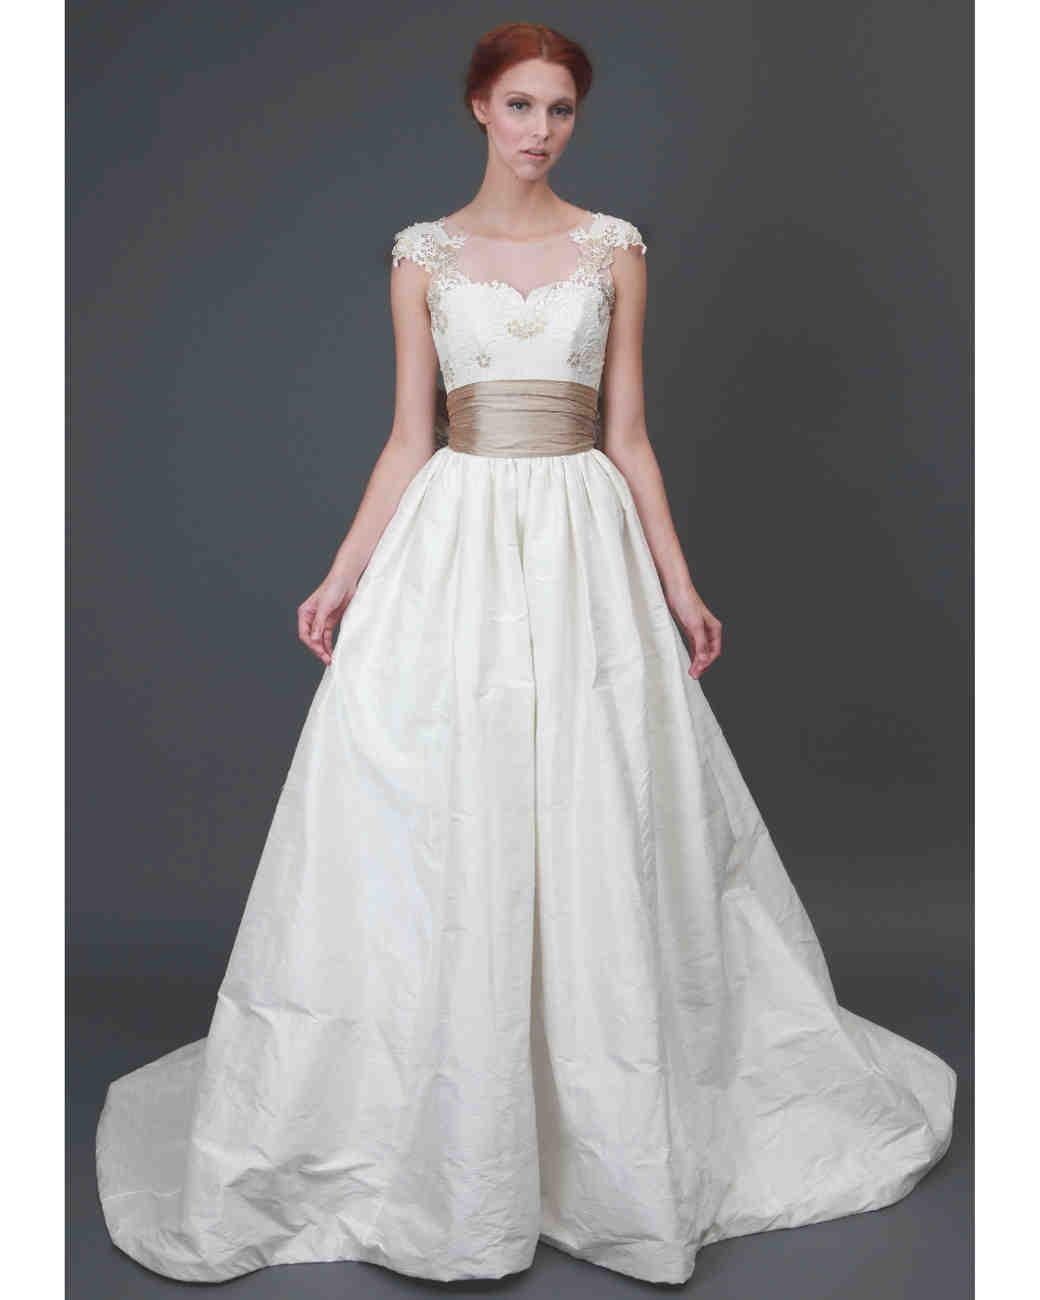 Heidi elnora fall 2013 collection martha stewart weddings for Busty brides wedding dresses